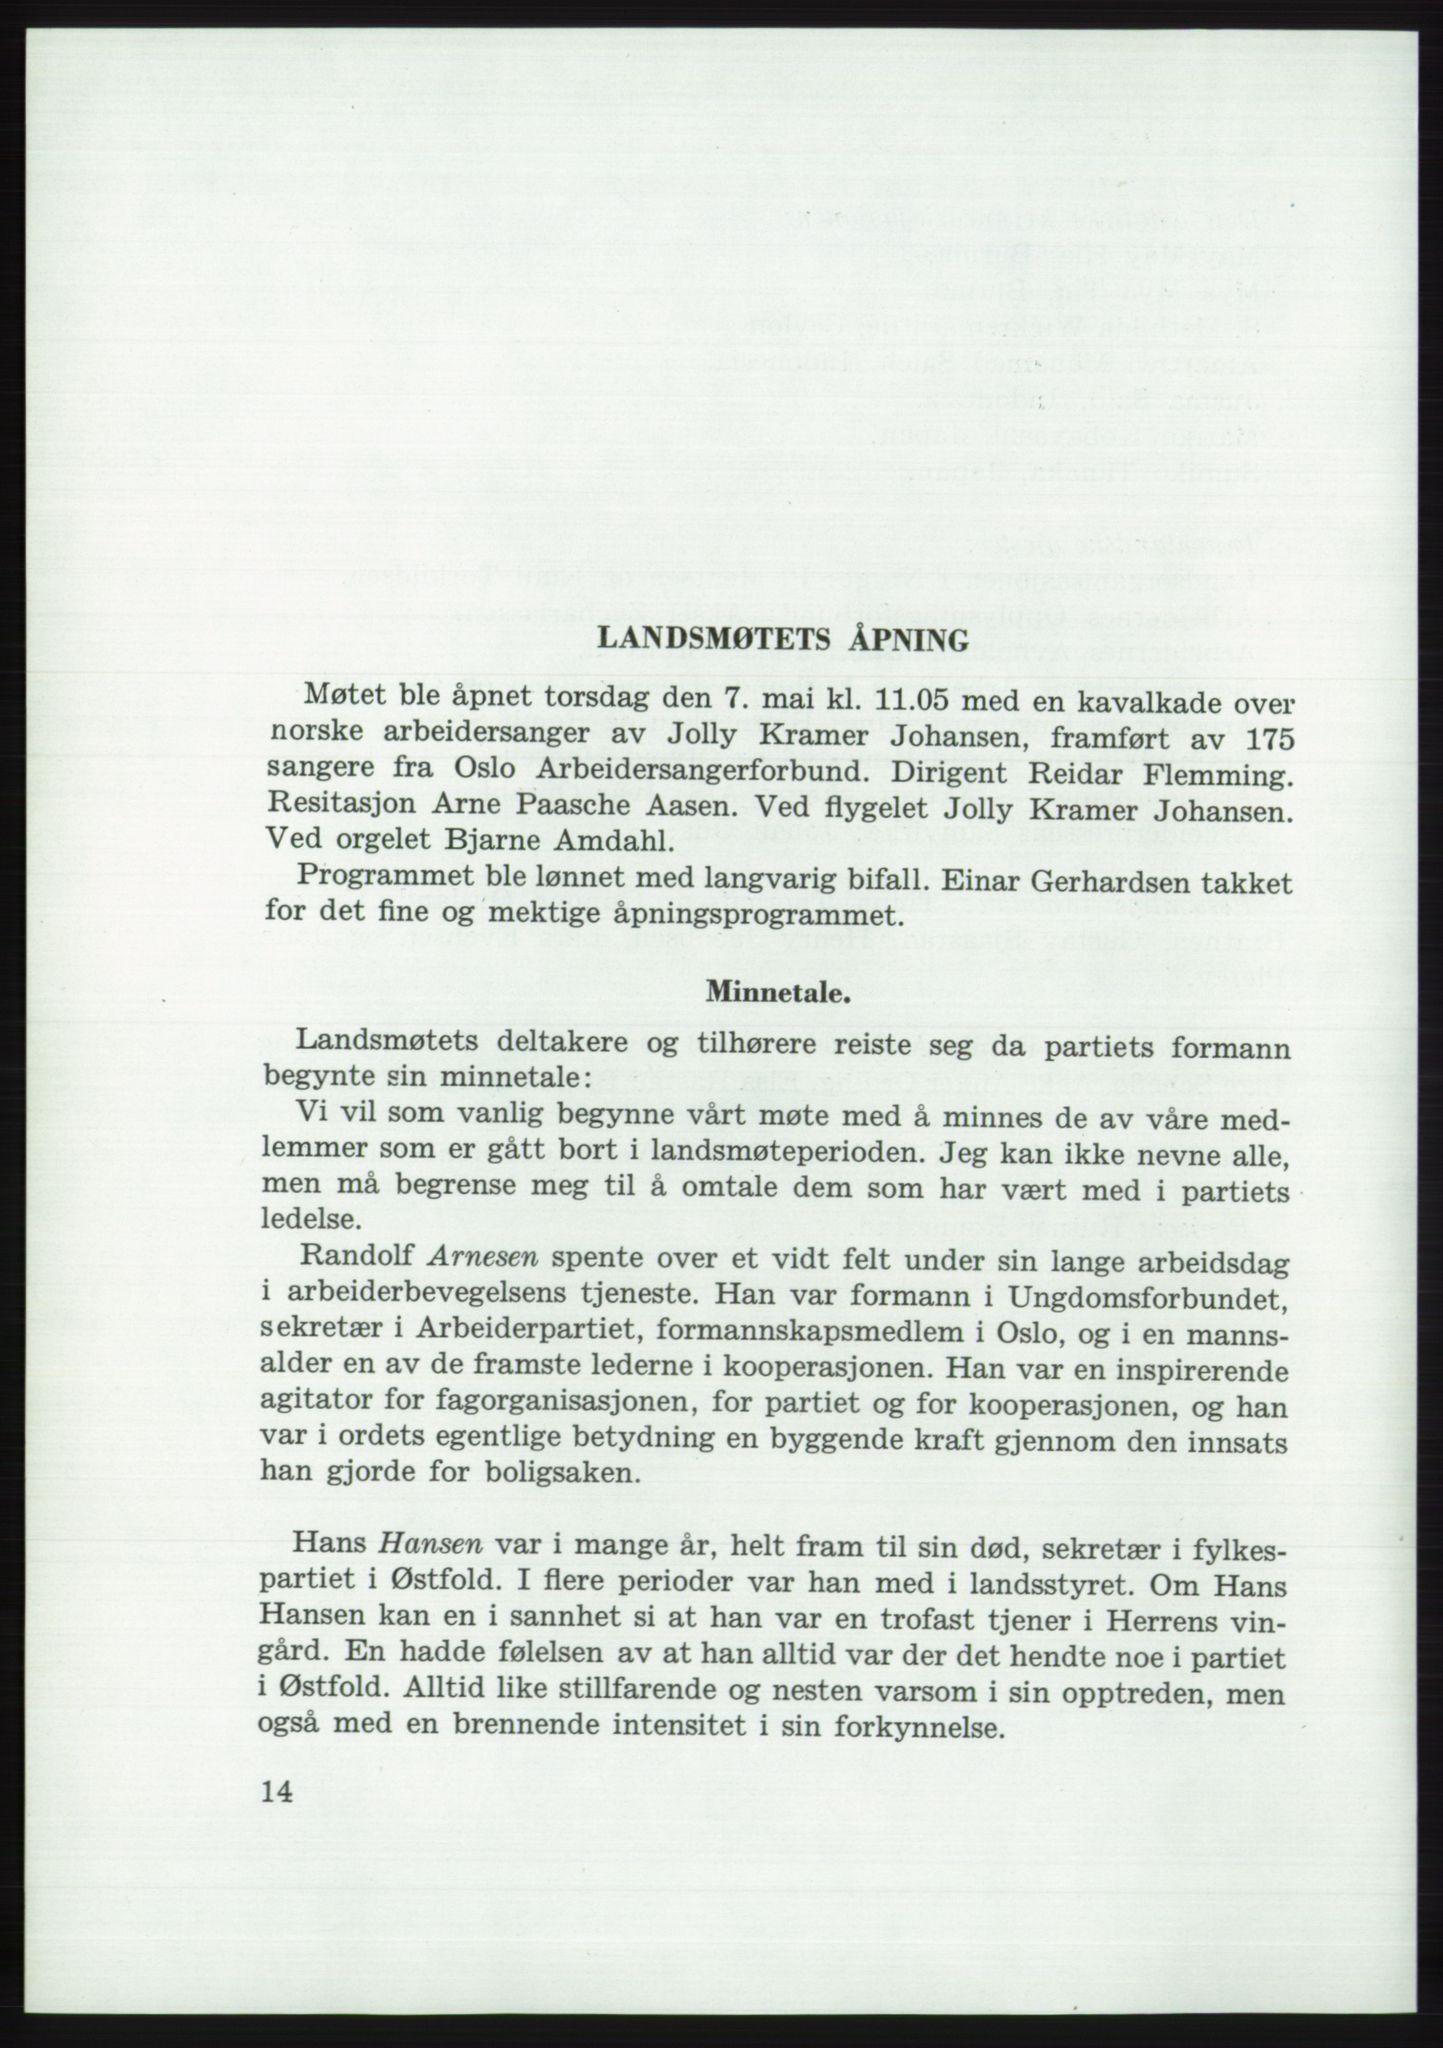 AAB, Det norske Arbeiderparti - publikasjoner, -/-: Protokoll over forhandlingene på det 37. ordinære landsmøte 7.-9. mai 1959 i Oslo, 1959, s. 14